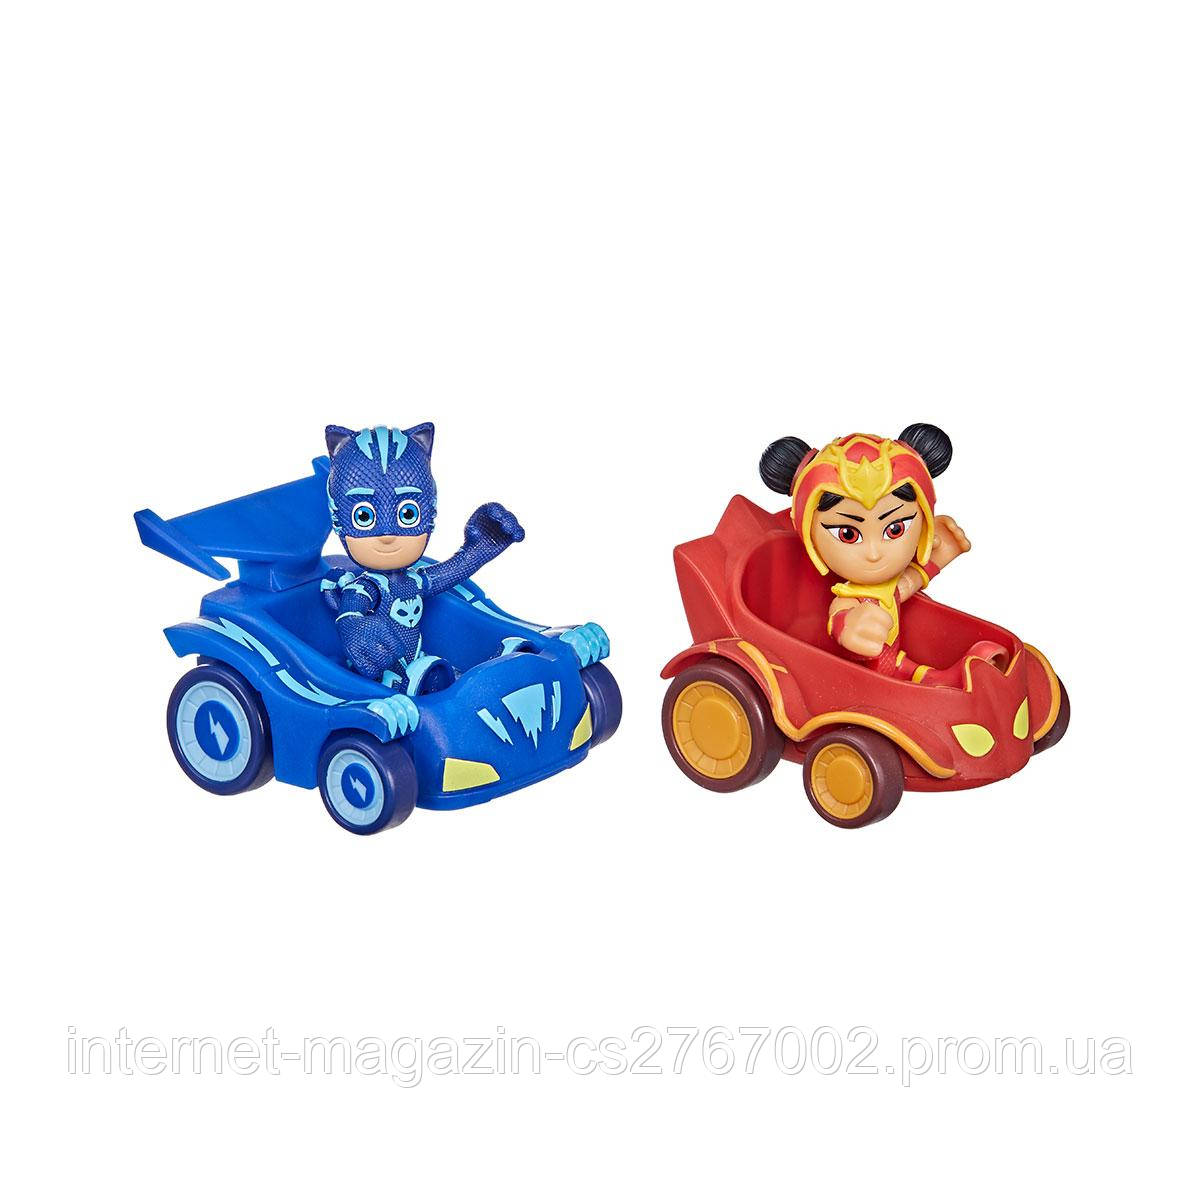 Ігровий набір ГЕРОЇ В МАСКАХ - КЭТБОЙ ПРОТИ АН Ю (2 фігурки, 2 машинки)